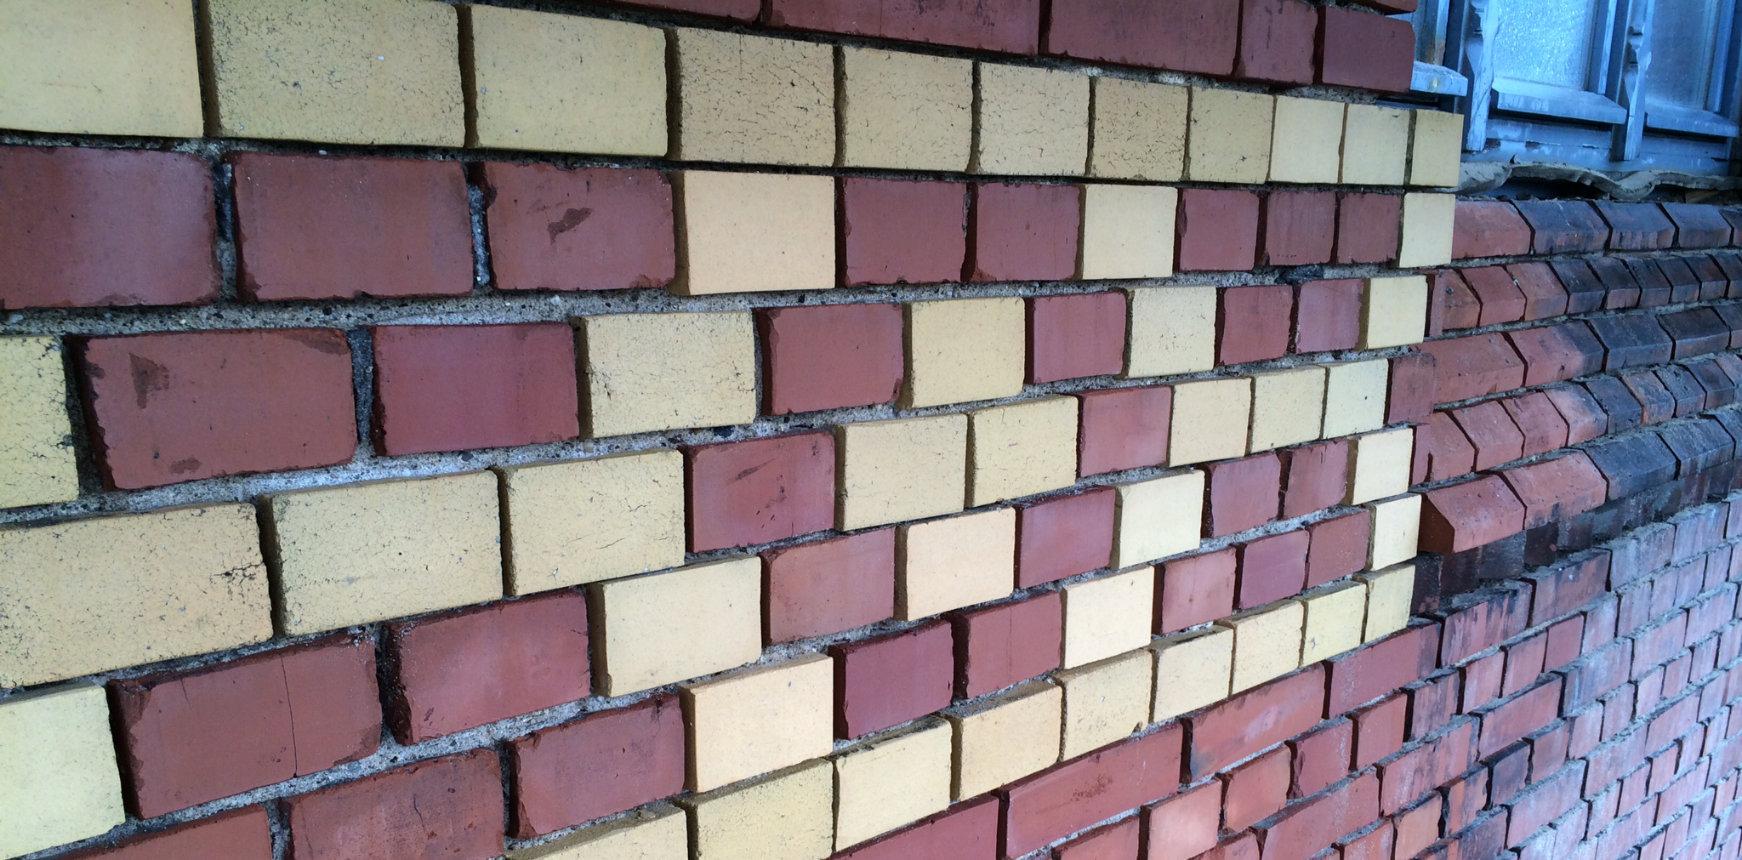 Fugensanierung Klinkerfassade & Fassadensanierung Klinker